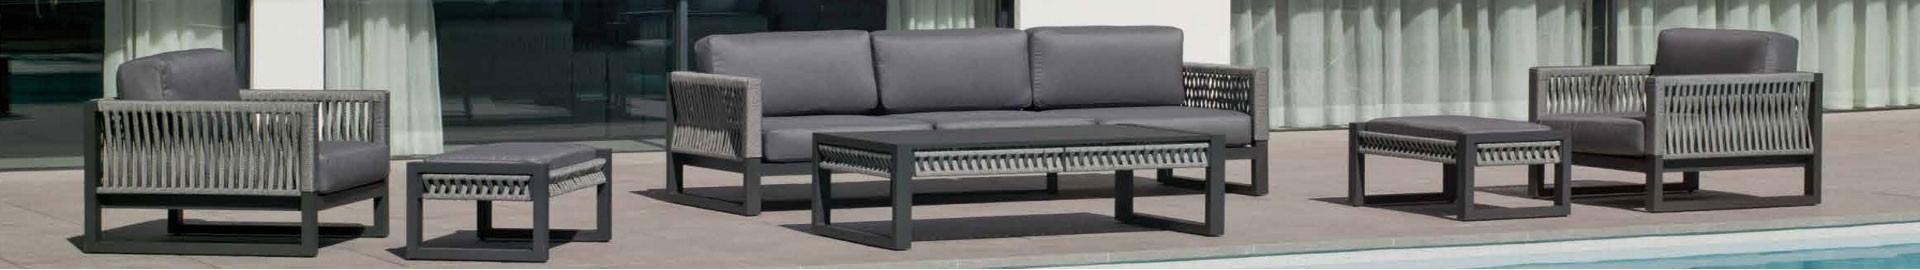 Mobles Sandi, Sant Feliu de Guixols (Gerona)- Mobiliario y sofás para exterior y jardin